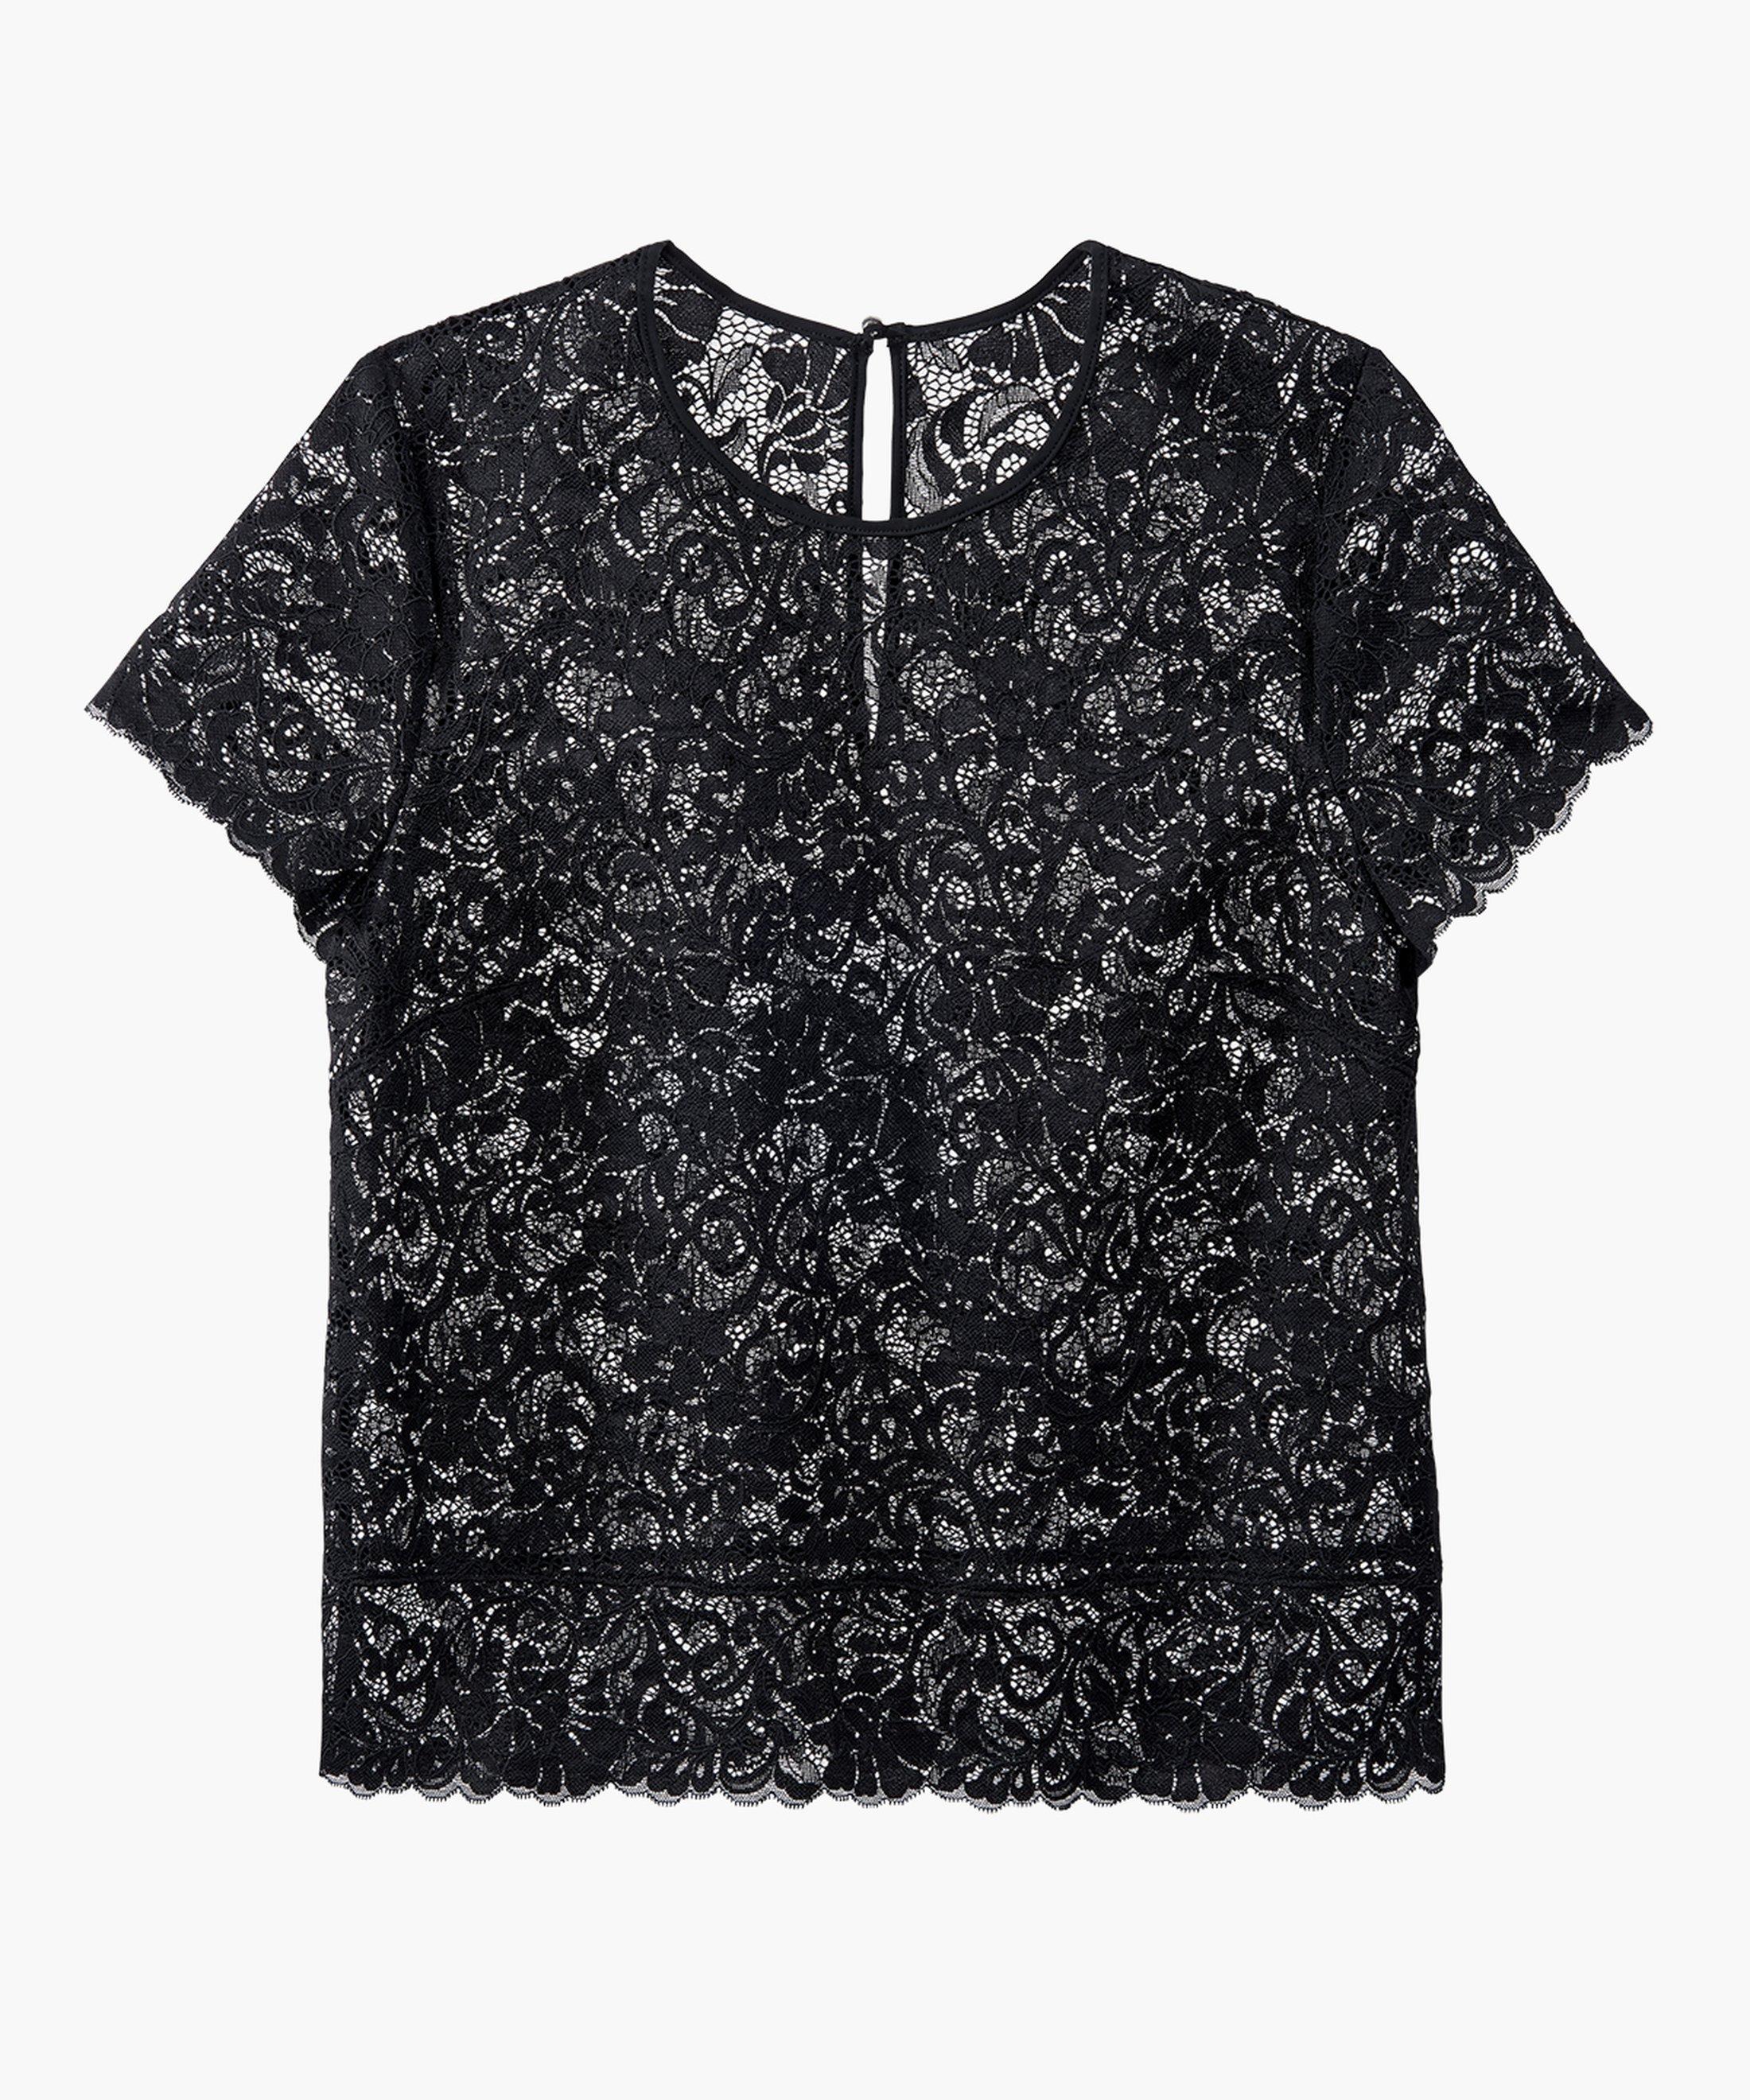 MON BIJOU Short sleeves top Black Perle | Aubade